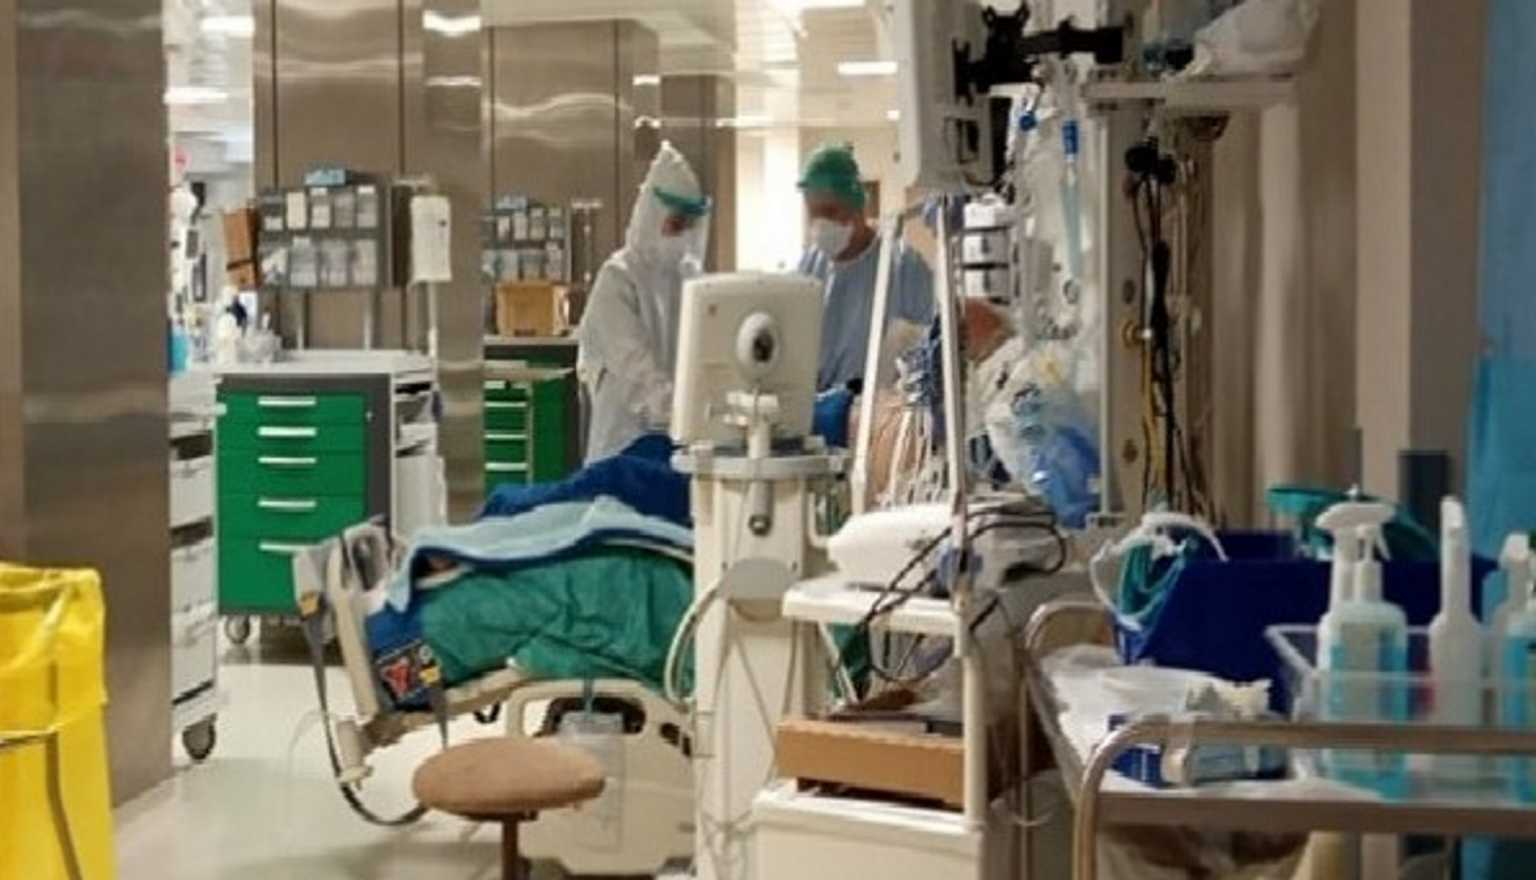 Κορονοϊός – Βόρεια Ελλάδα: 340 άνθρωποι έχασαν τη ζωή τους στις ΜΕΘ – Ανεμβολίαστοι το 88% αυτών